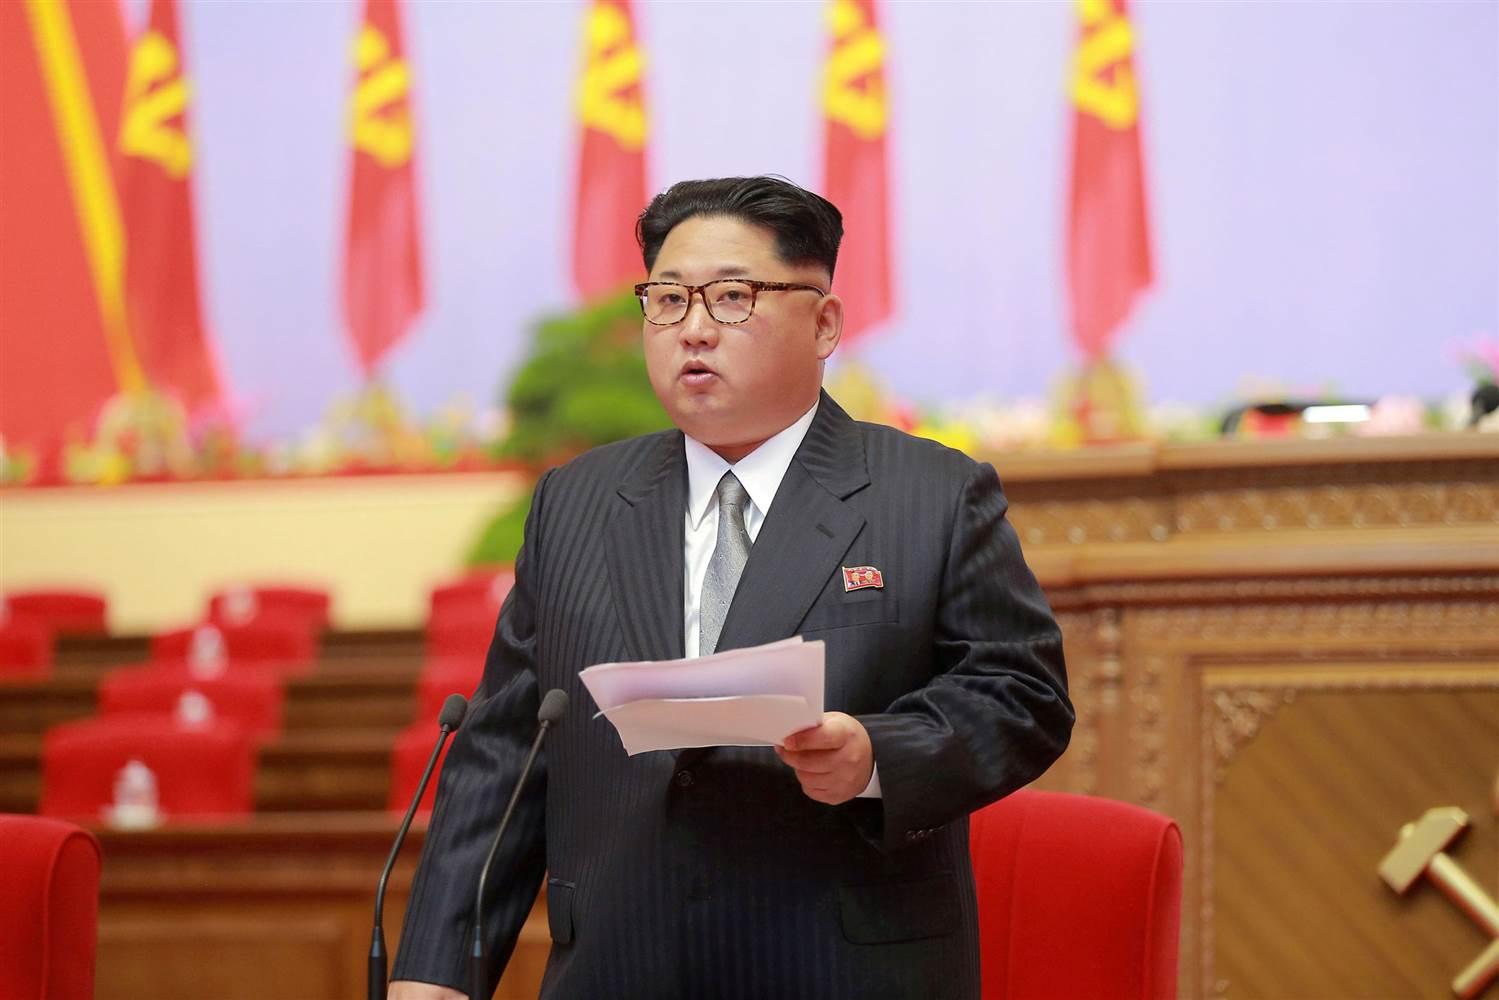 Corea del Norte Envía Advertencia a los Estados Unidos ¿Deberían Pasar Las Sanciones?